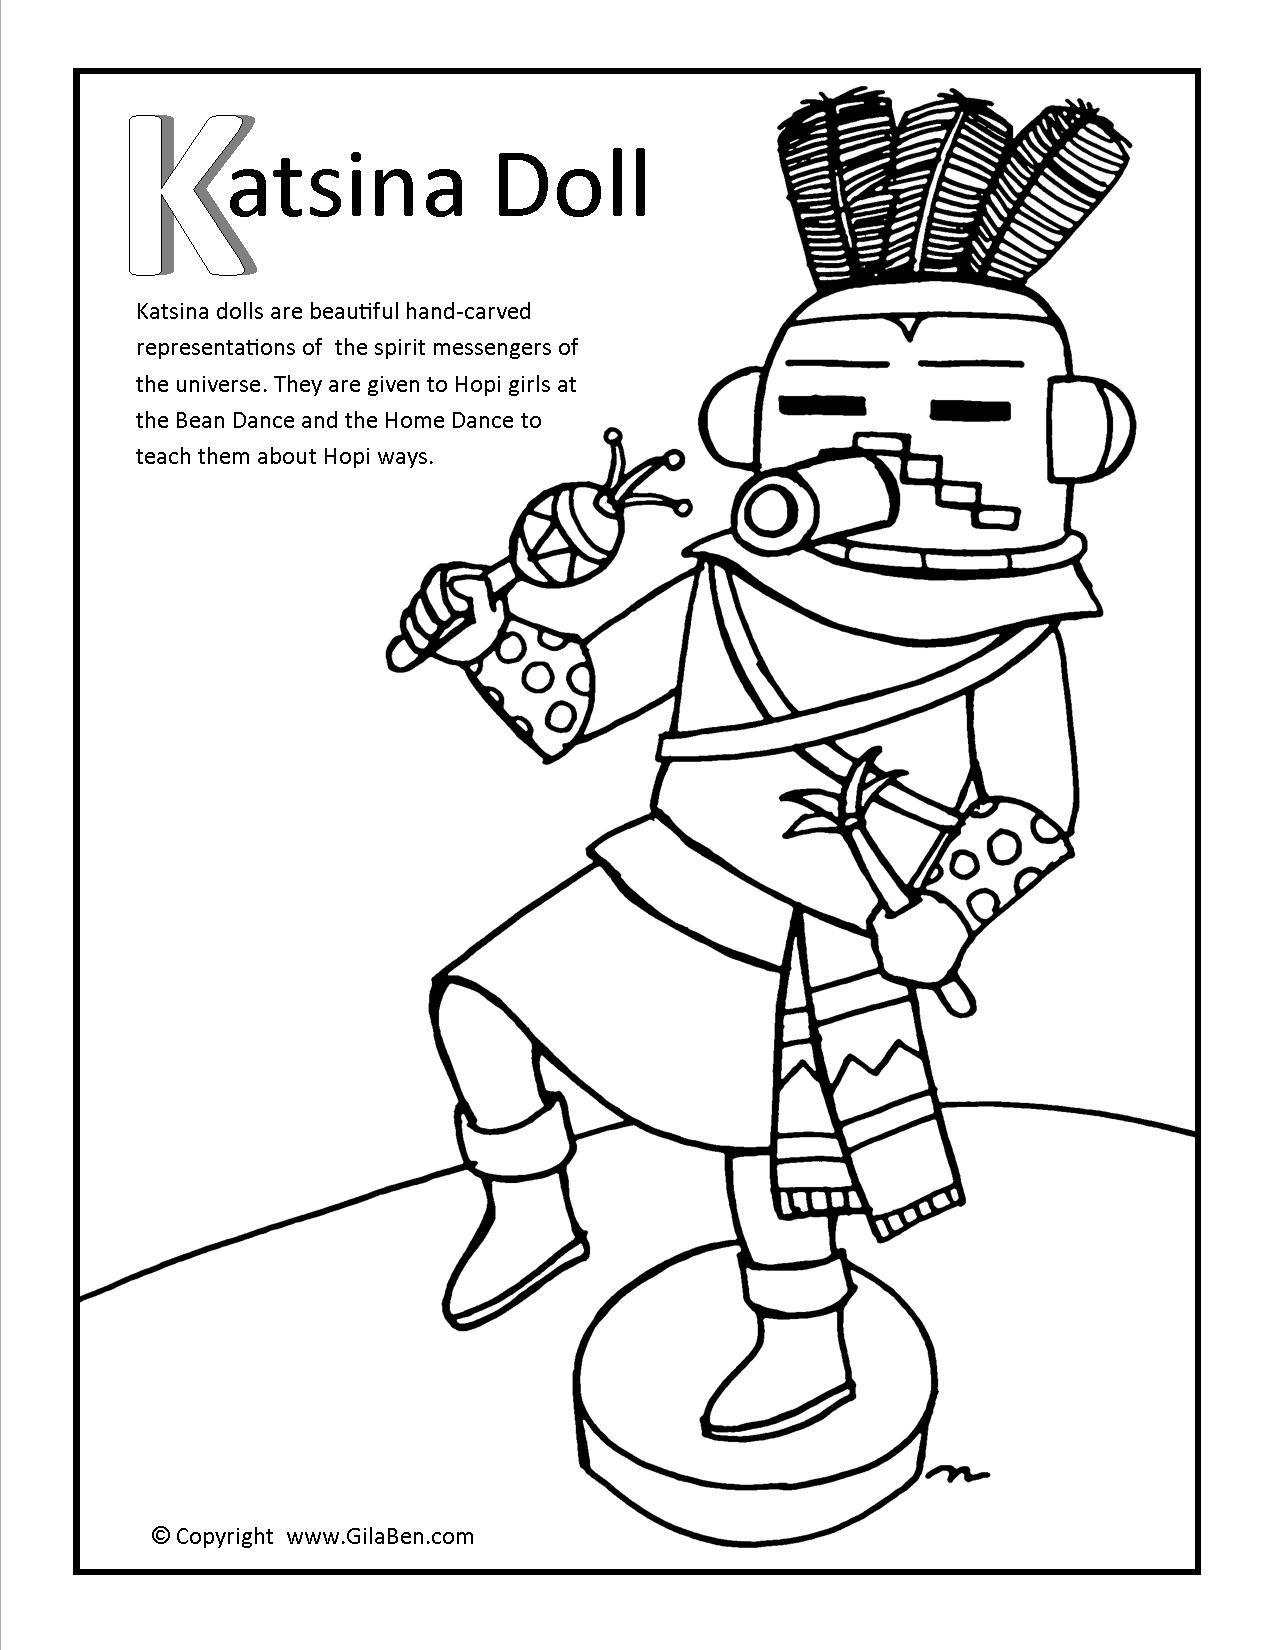 Katsina Doll Coloring Page More Arizona Coloring Pages At Gilaben